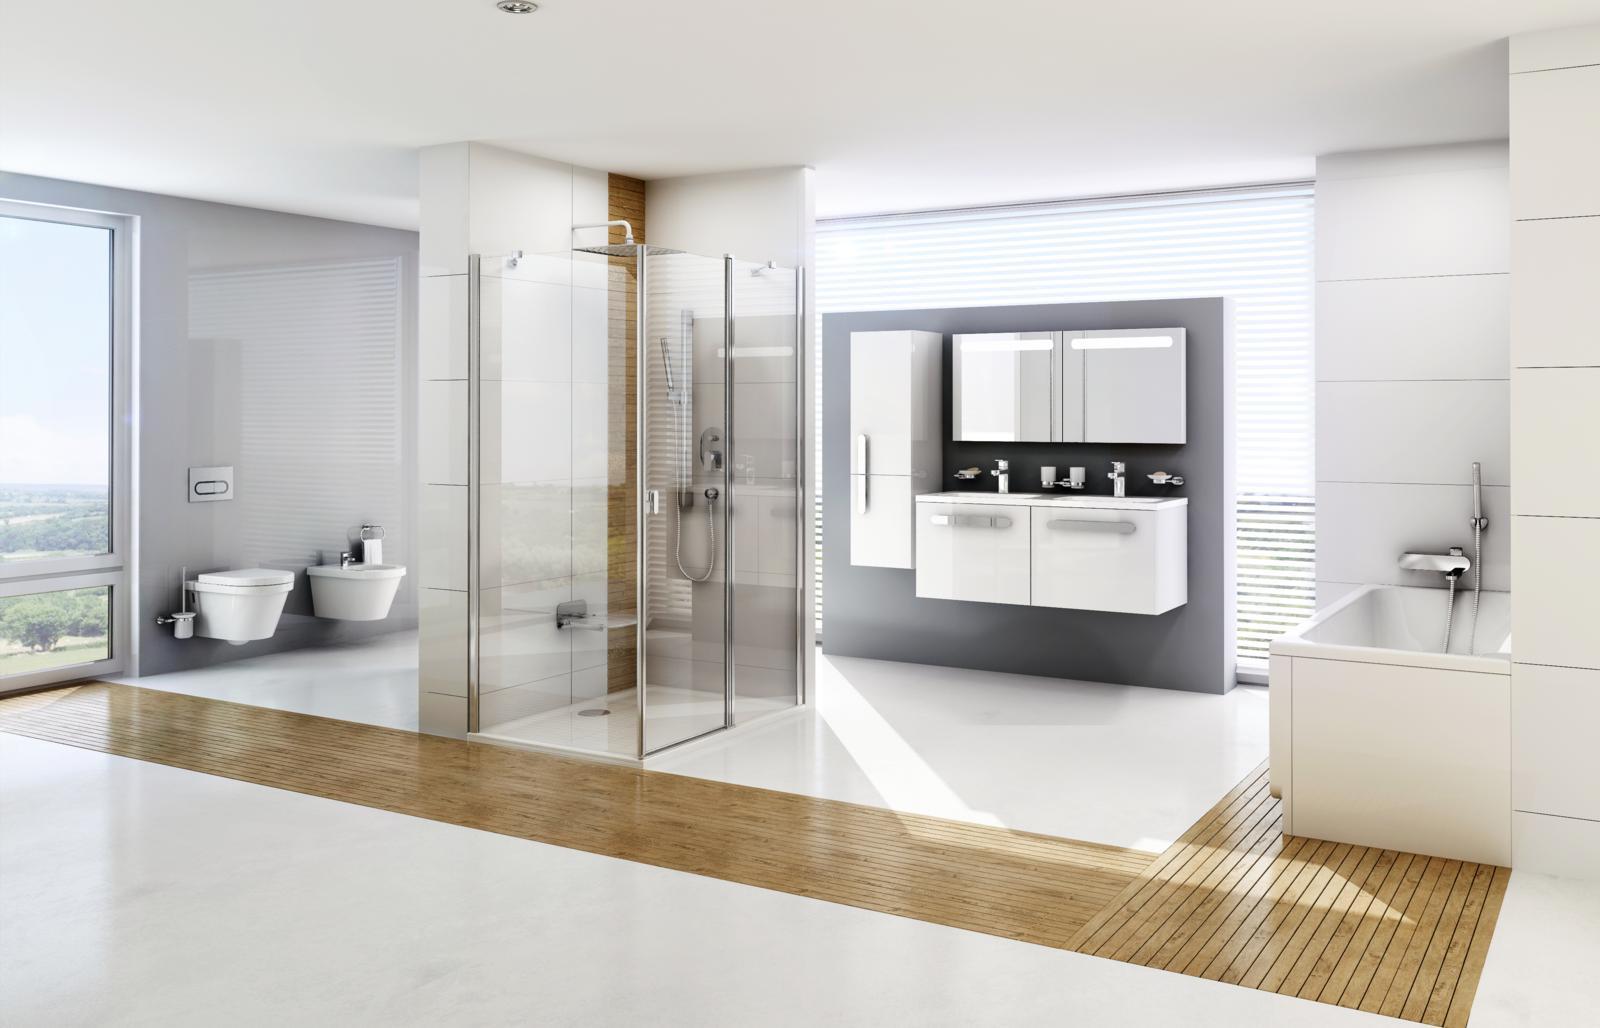 A Chrome fürdőszoba koncepció esetében a stílus maga a zavartalan harmónia, melyet nem a szemével lát, mégis érzékel.